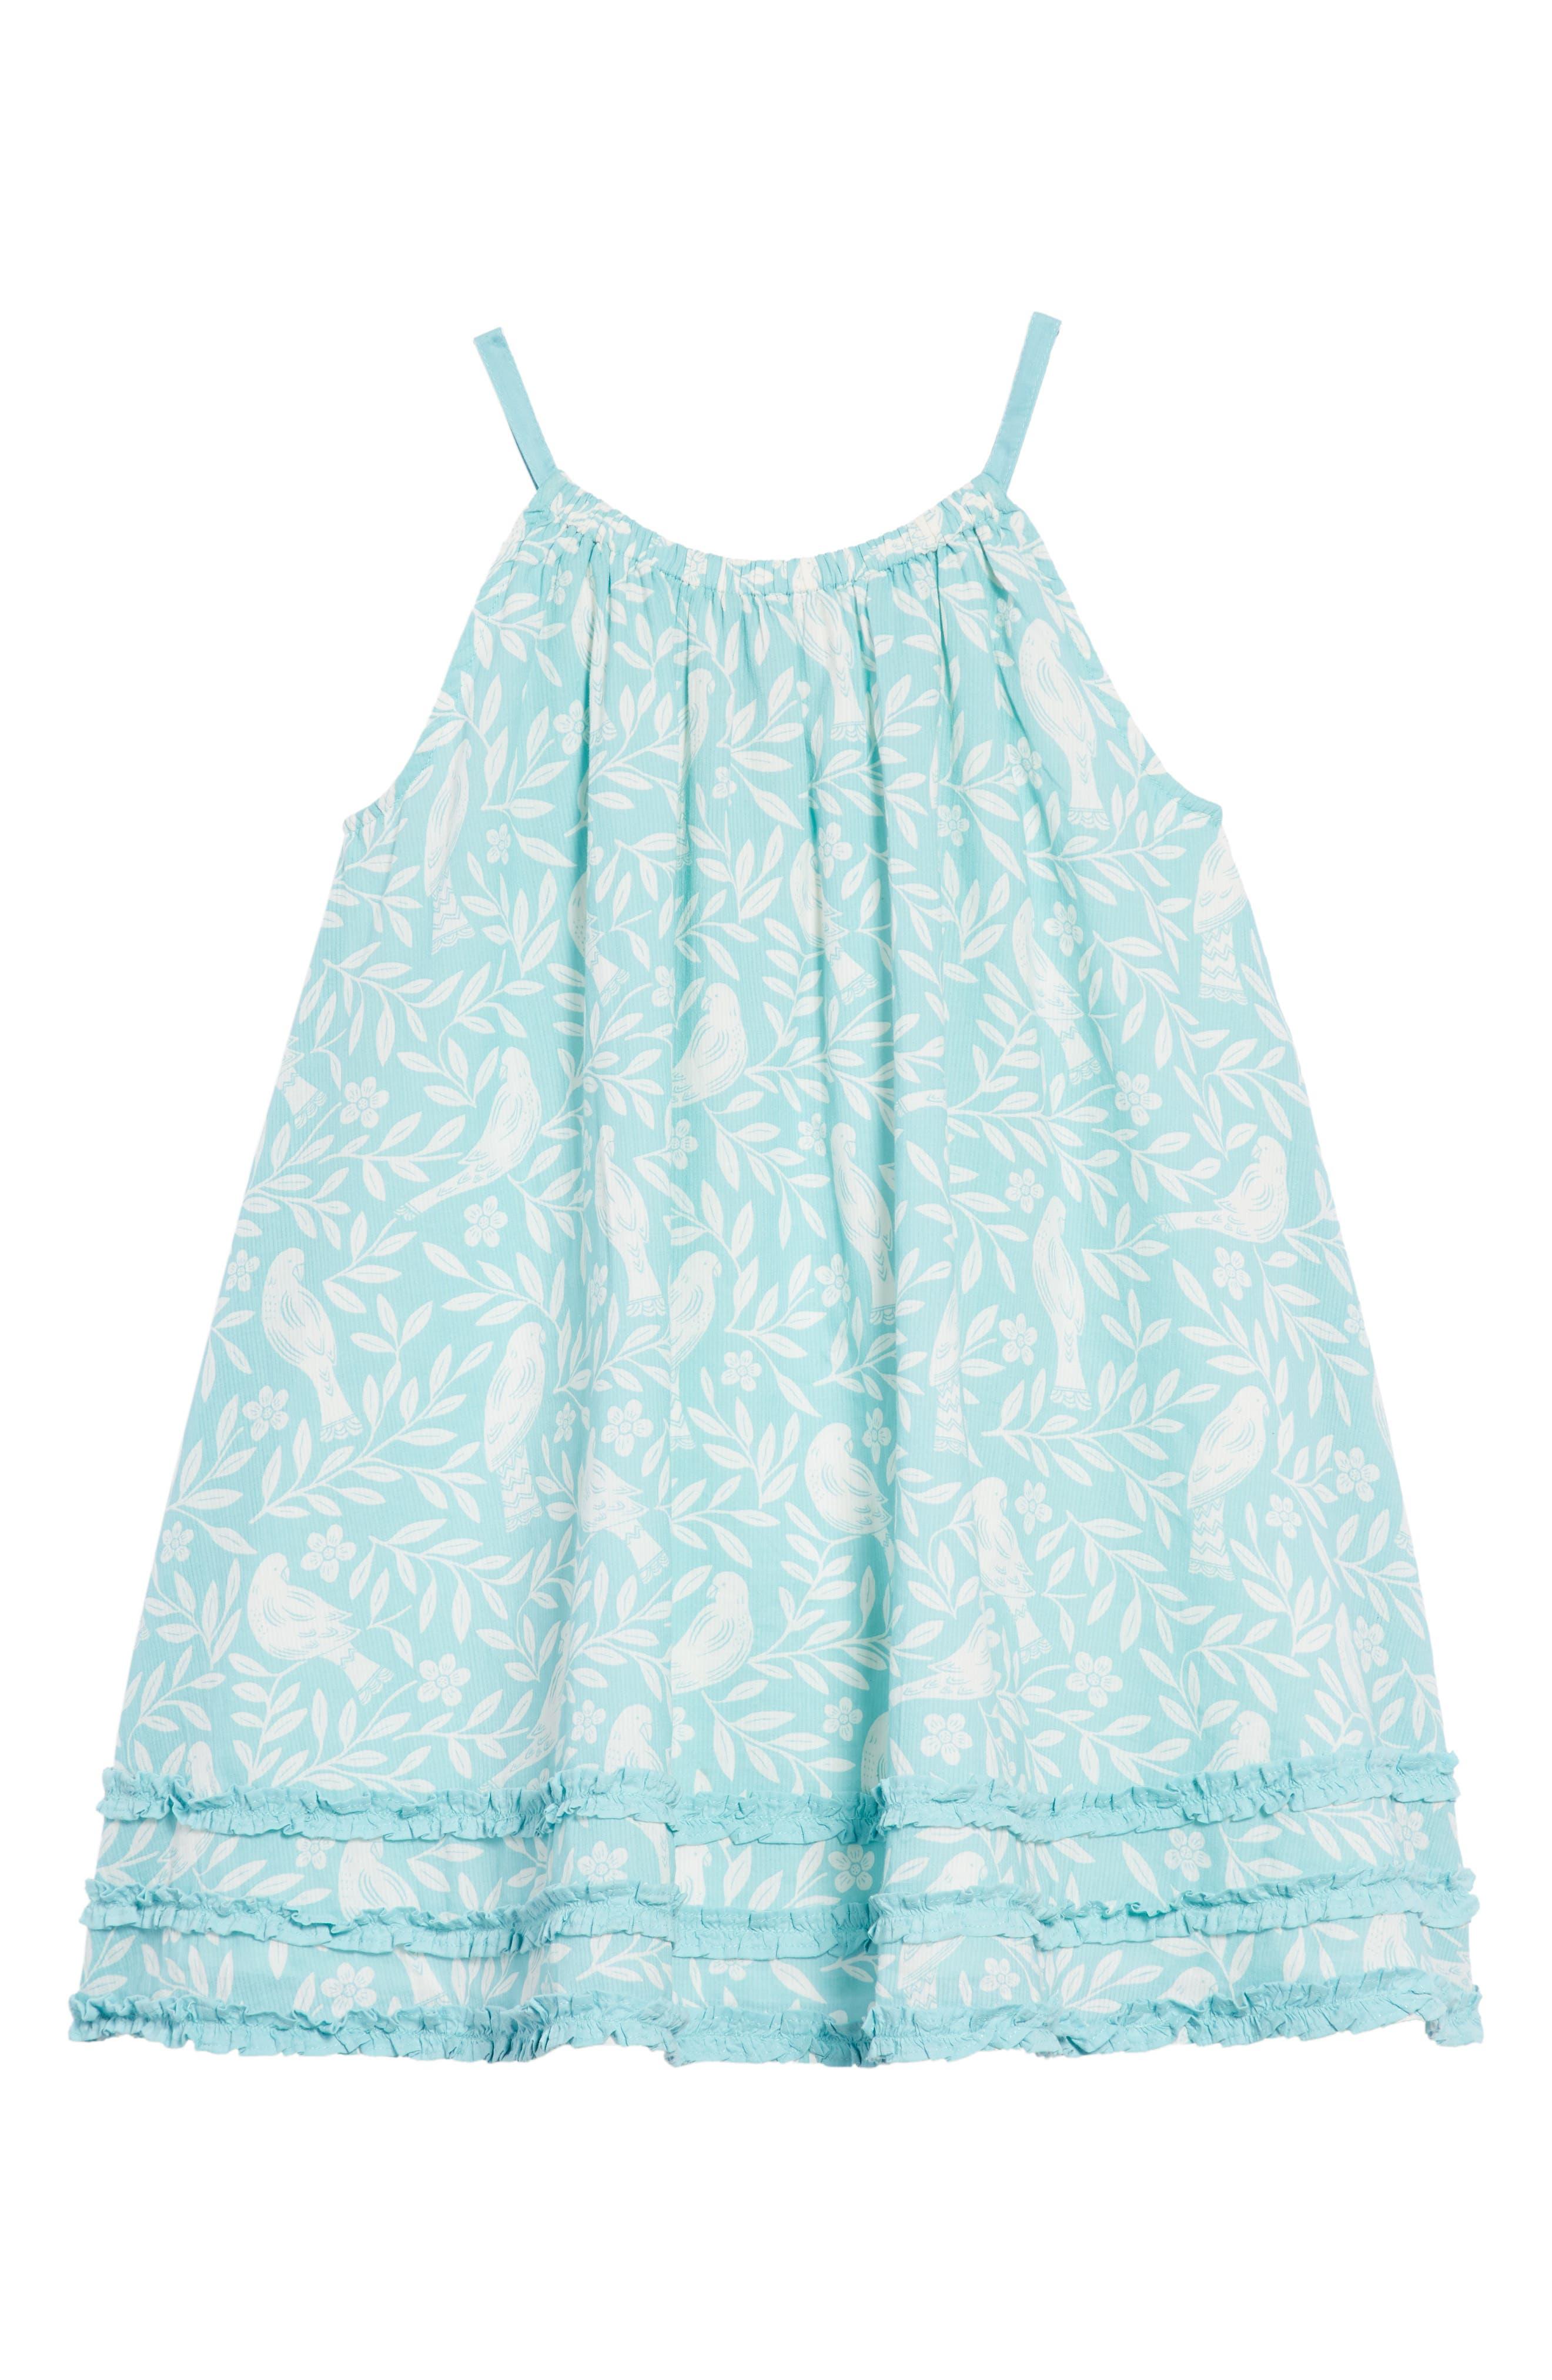 Vacation Woven Dress,                             Main thumbnail 1, color,                             Camper Blue Lino Bir